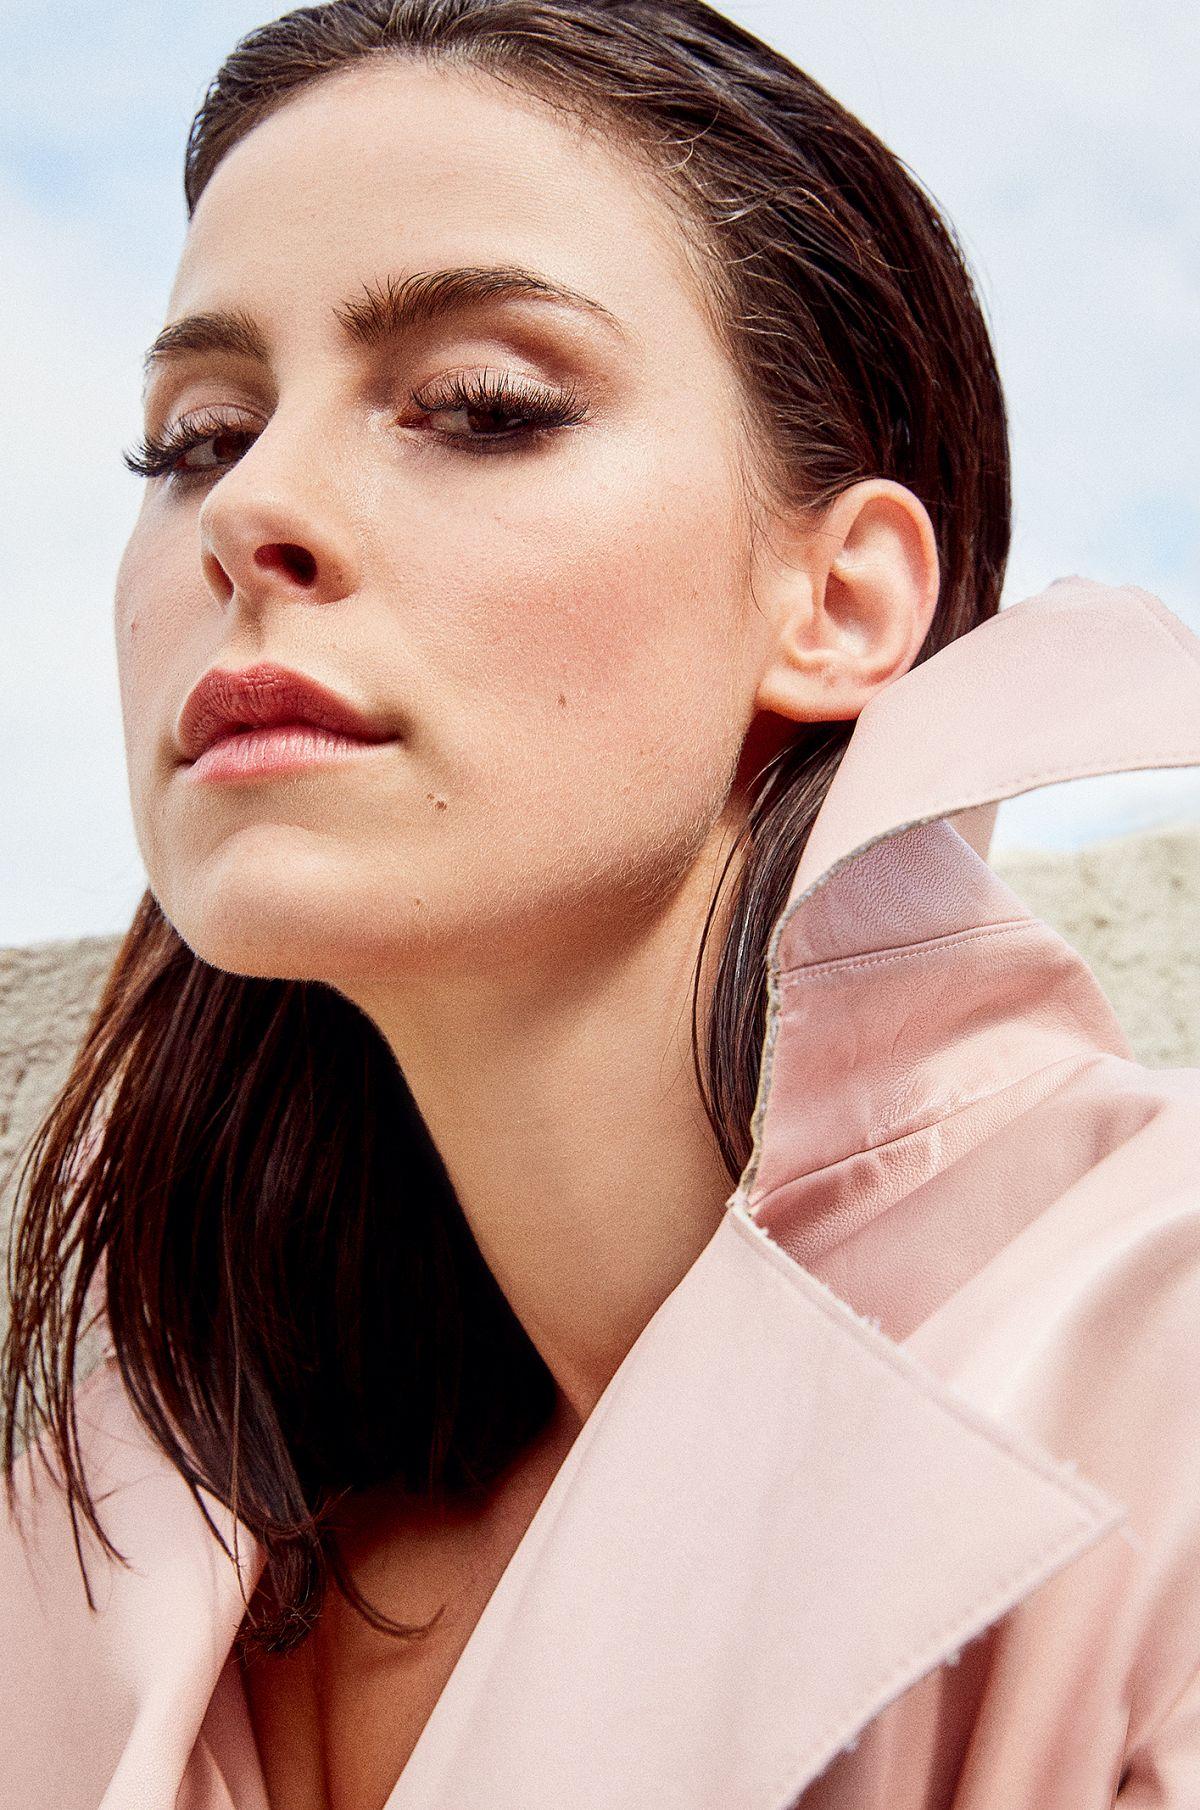 LENA MEYER LANDRUT For Emotion Magazine August 2018